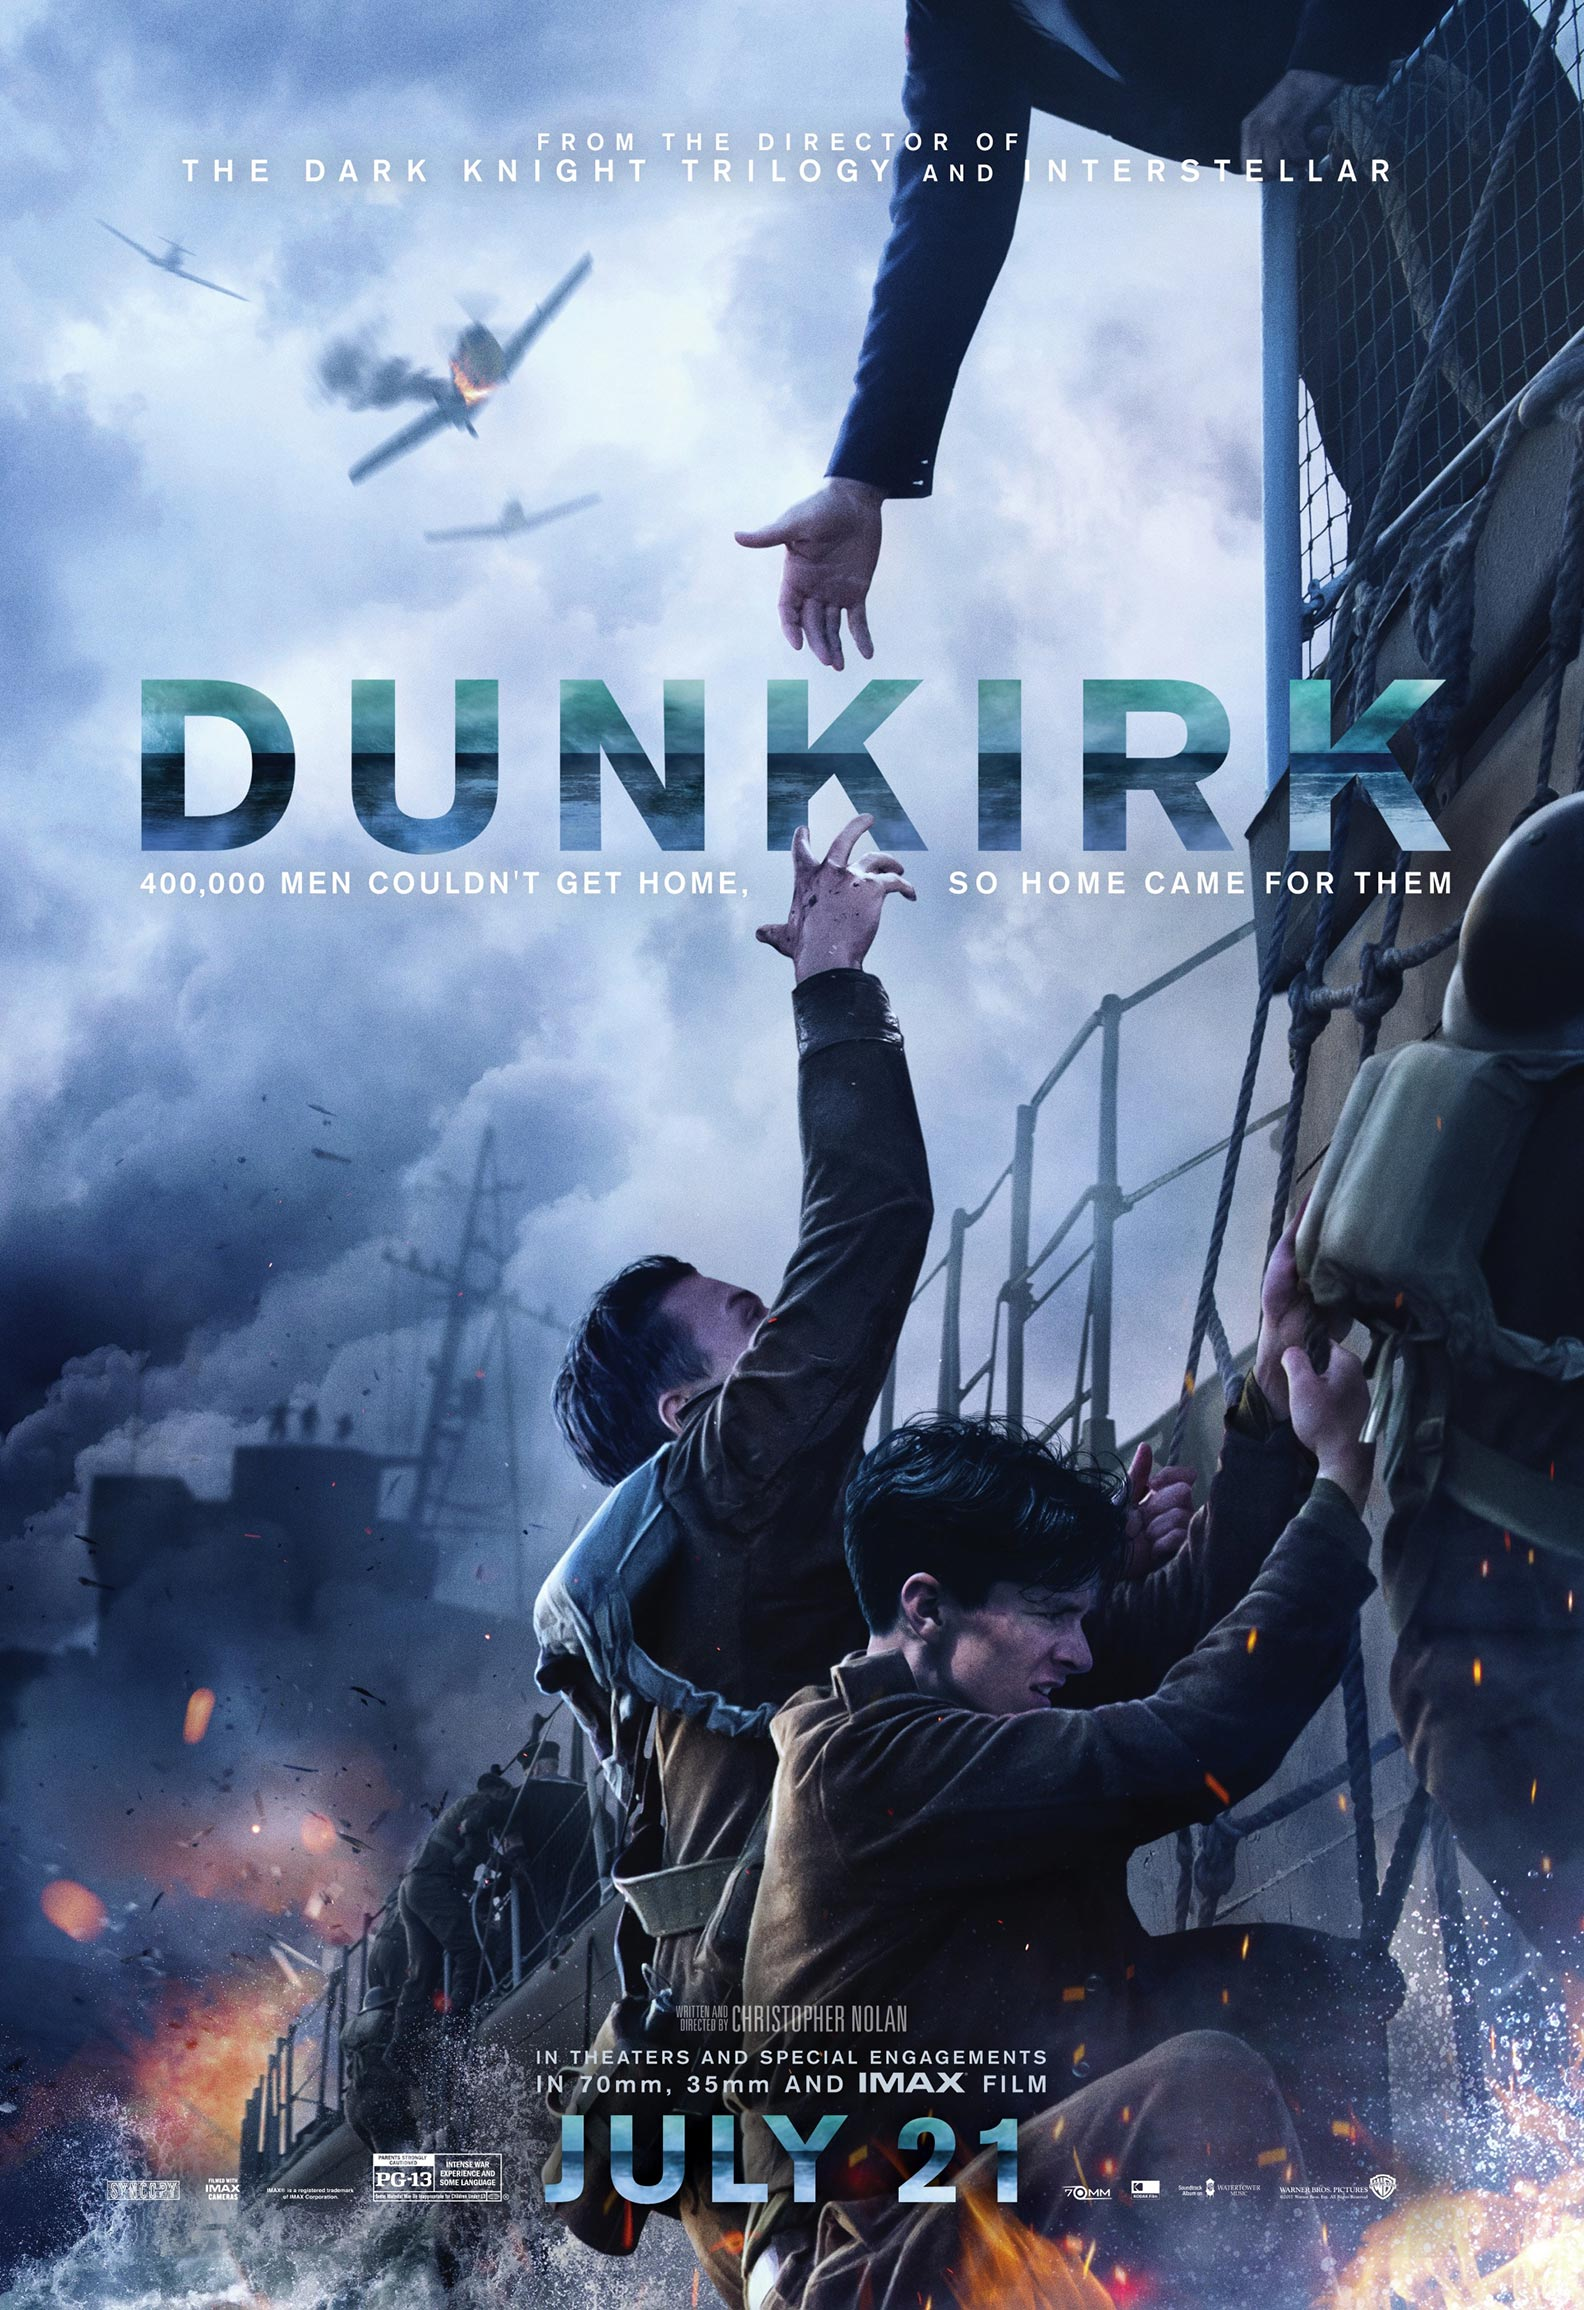 dunkirk-poster-7.jpg